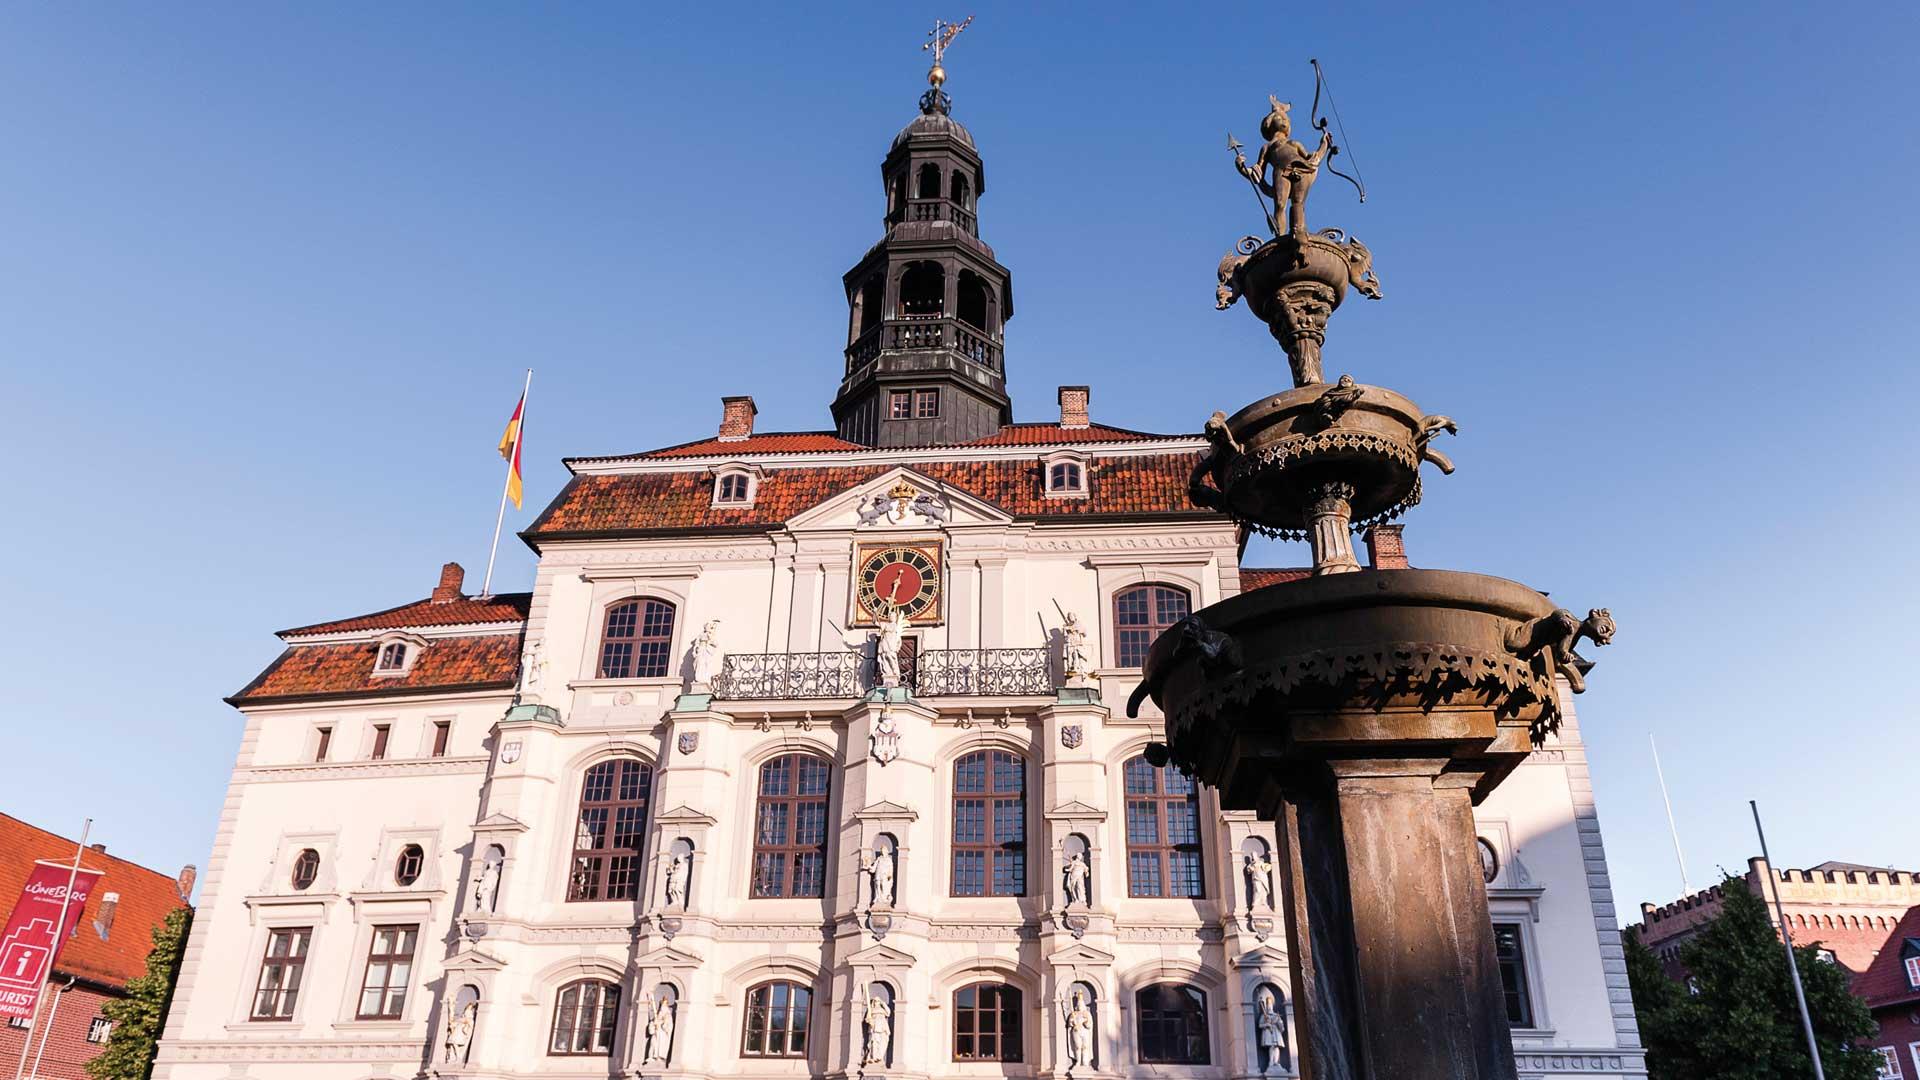 Het stadhuis van de zoutstad Lüneburg.